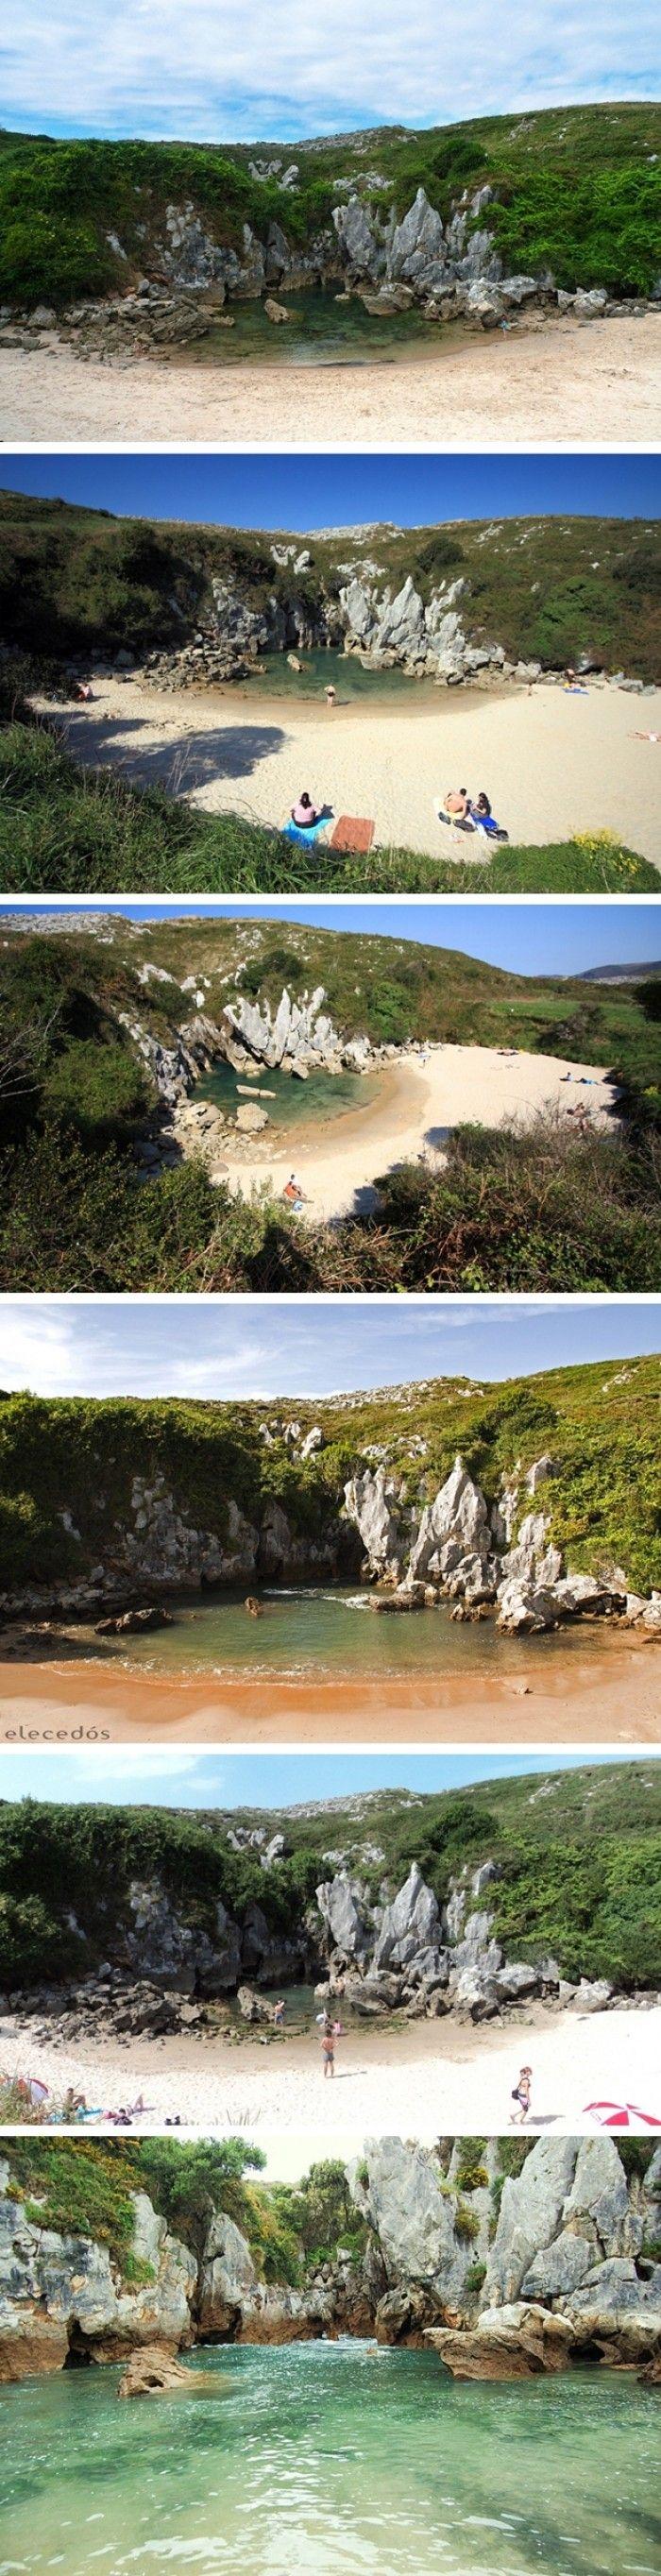 Denizi Olmayan Sahil Playa De Gulpiyuri'den Muhteşem Kareler - 4finite.com